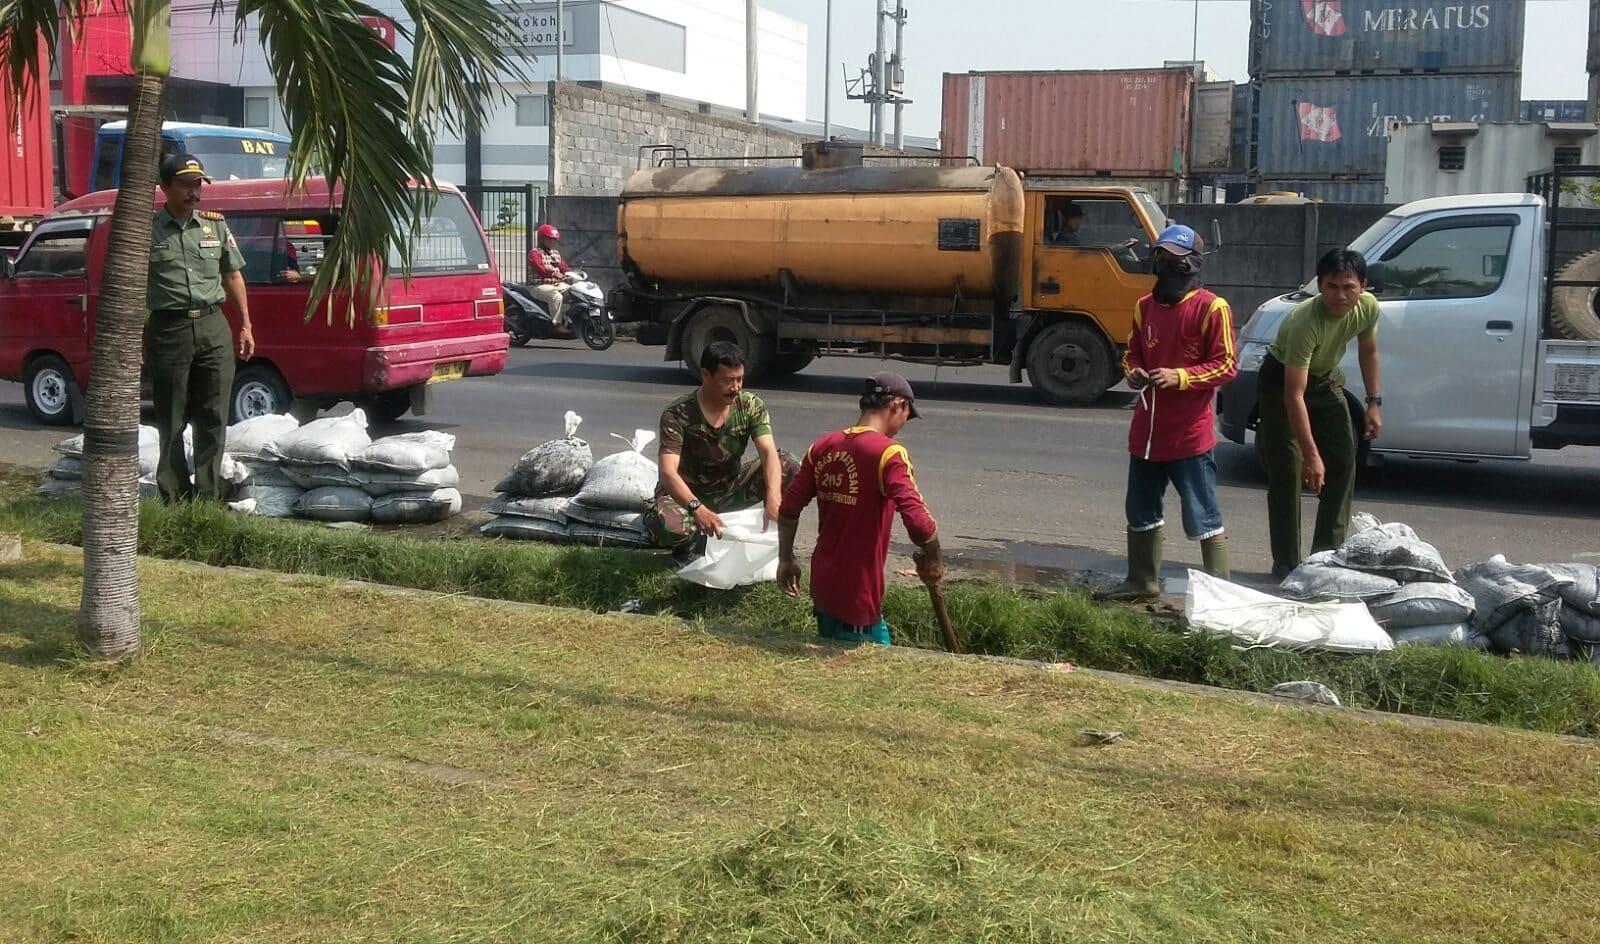 Normalisasi Aliran Air, Anggota Kodim SU dan Warga Bersihkan Selokan Jalan